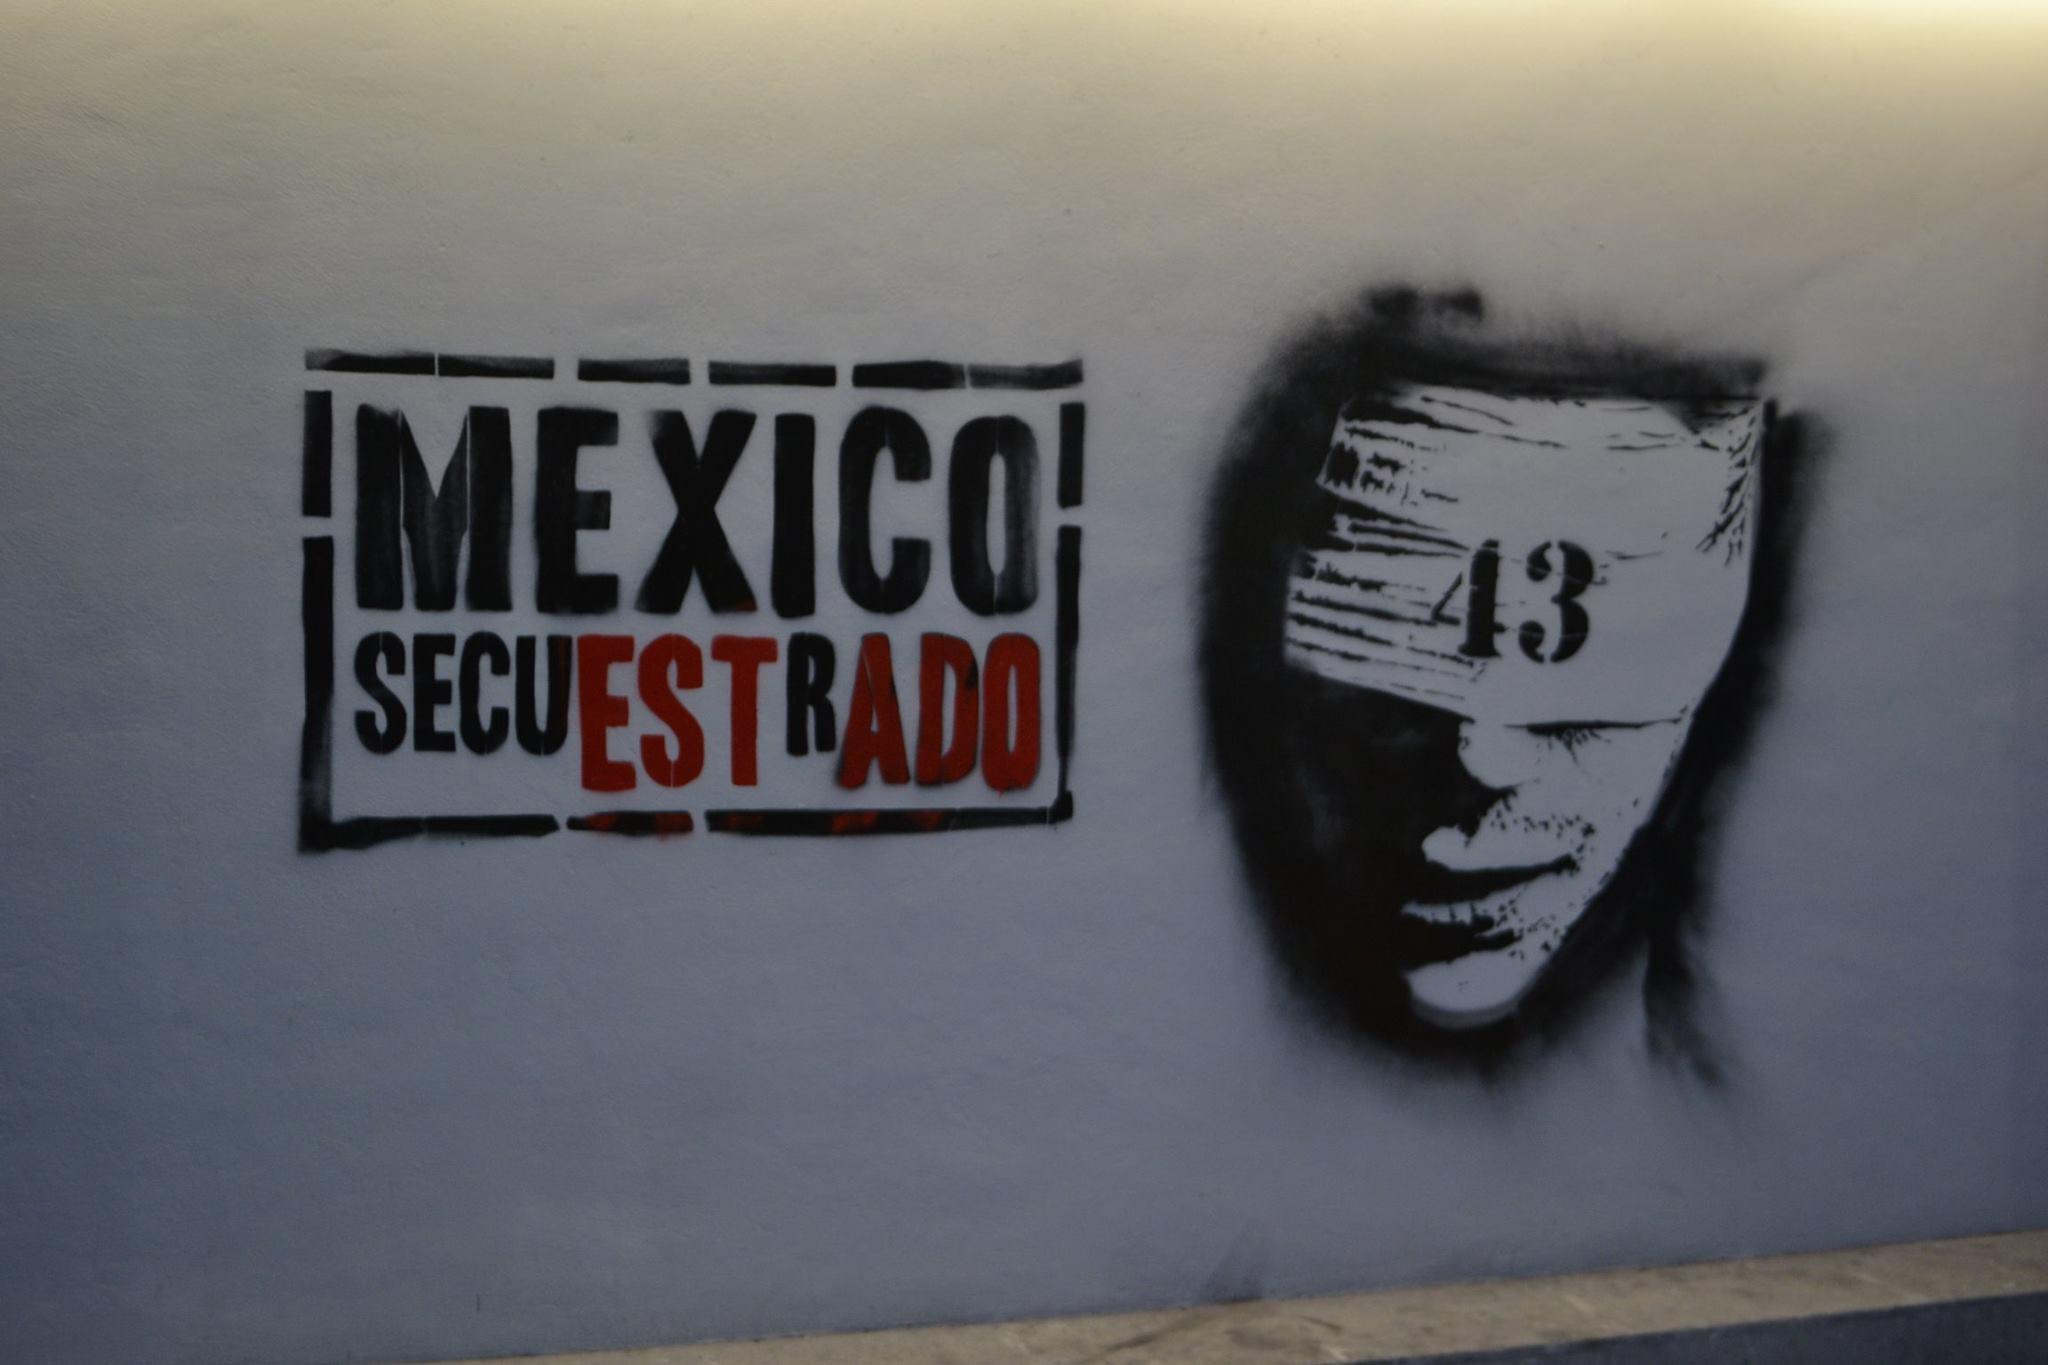 Mexico Secuestrado